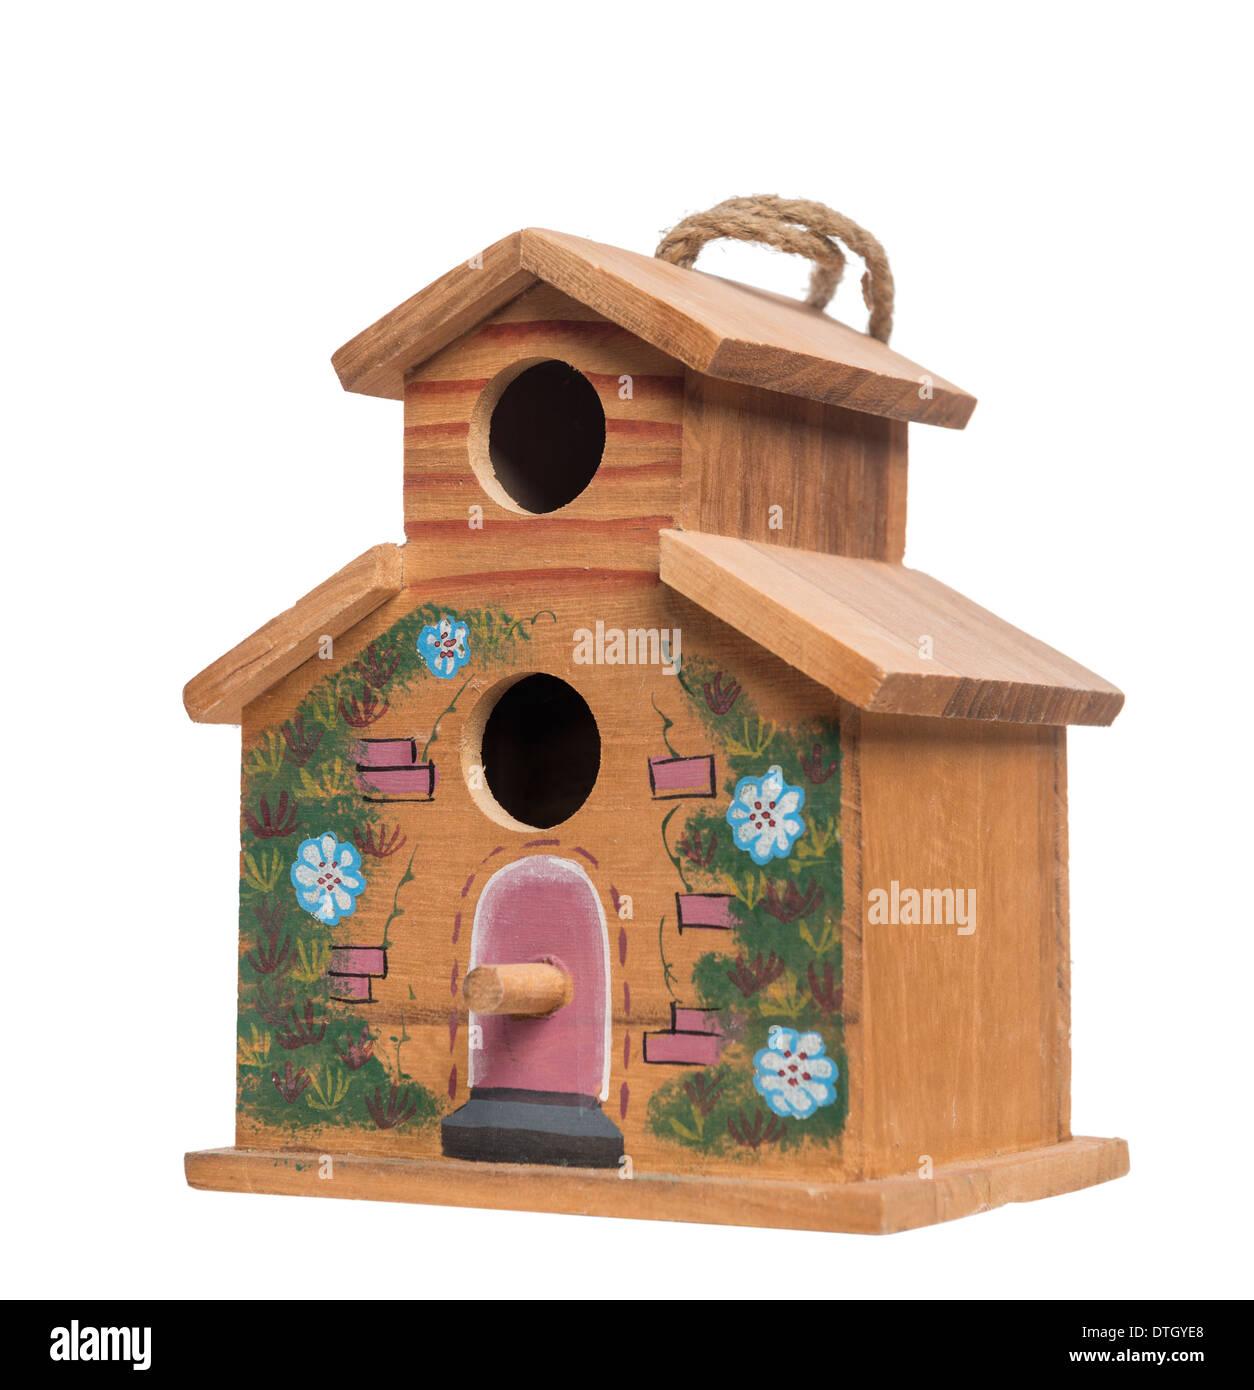 Birdhouse against white background - Stock Image